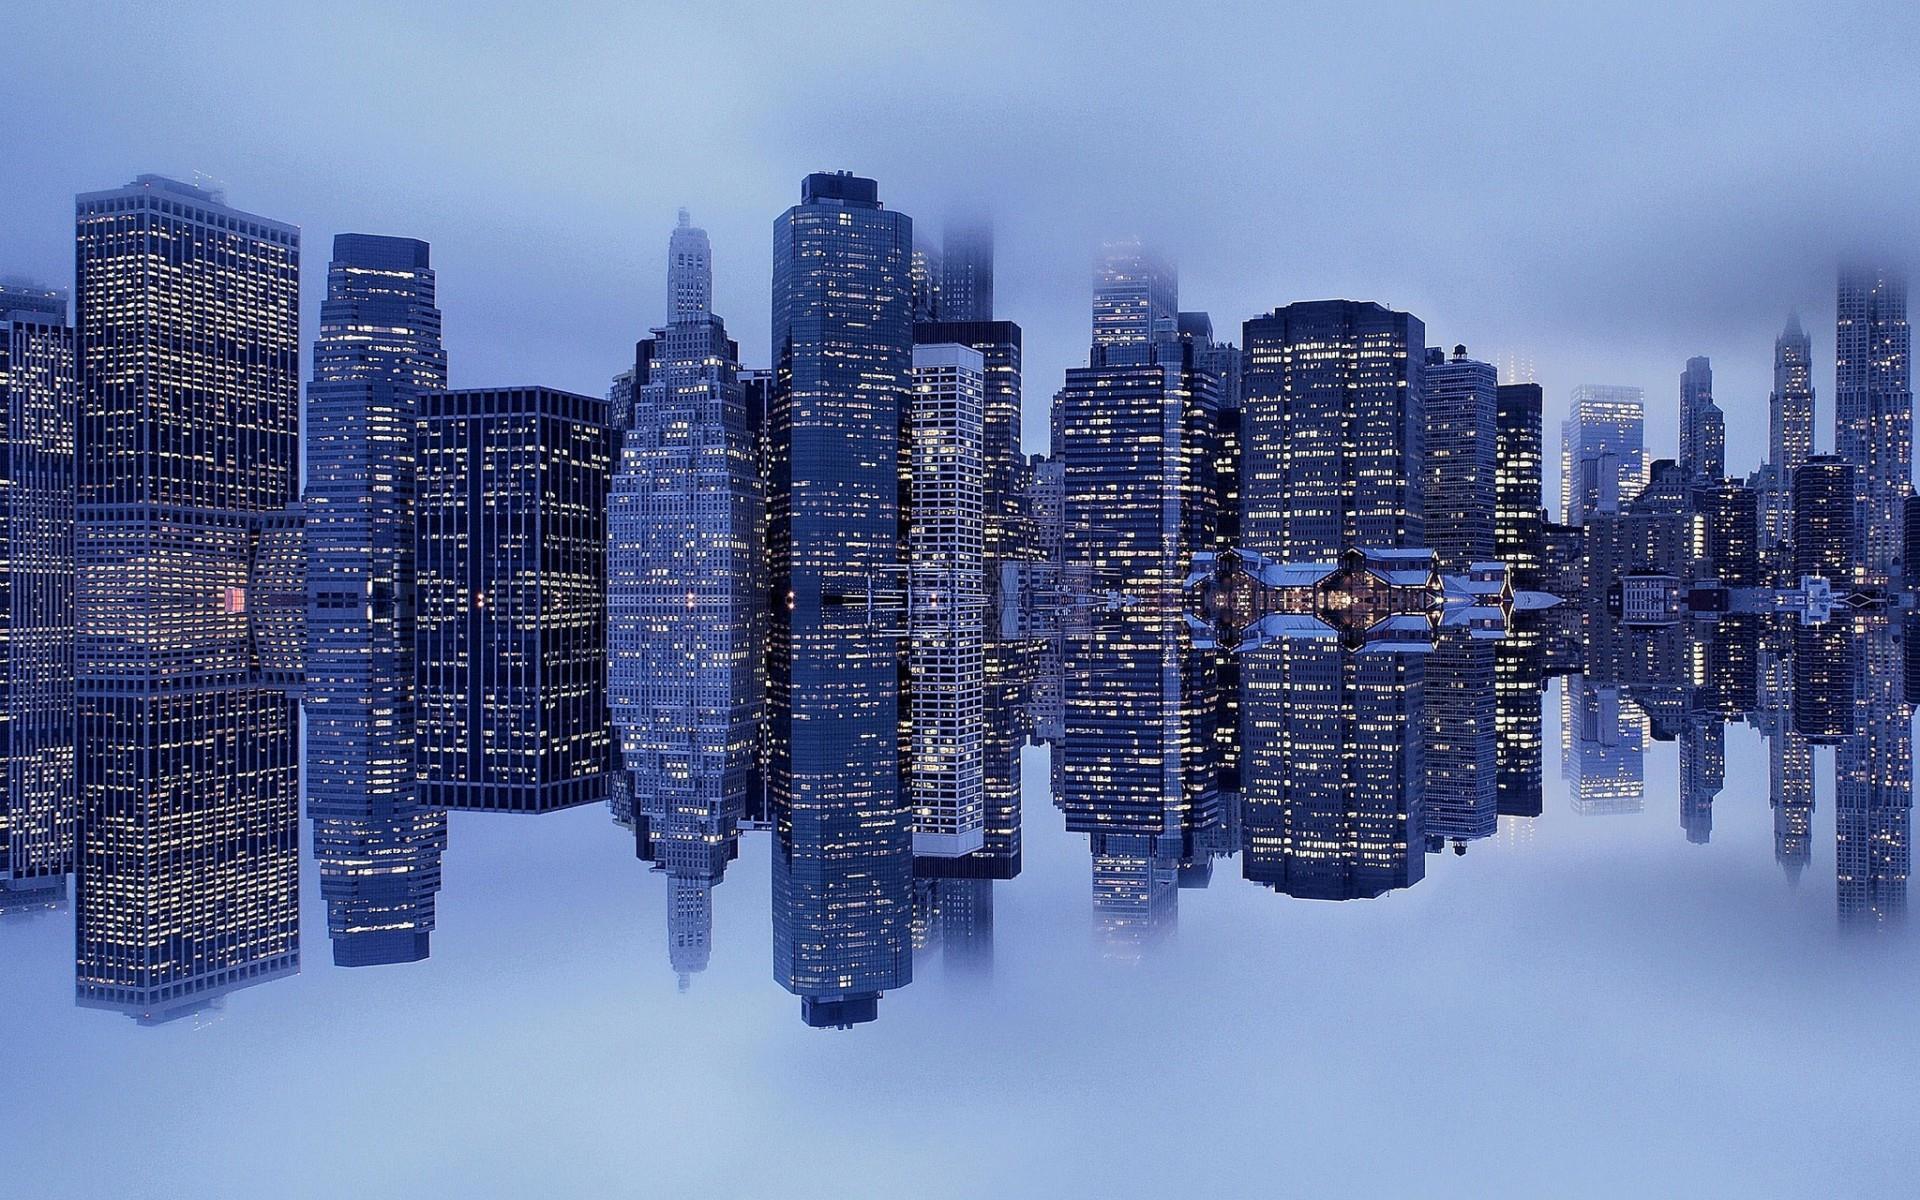 panorama-des-grandes-villes-du-monde-wallpaper_3